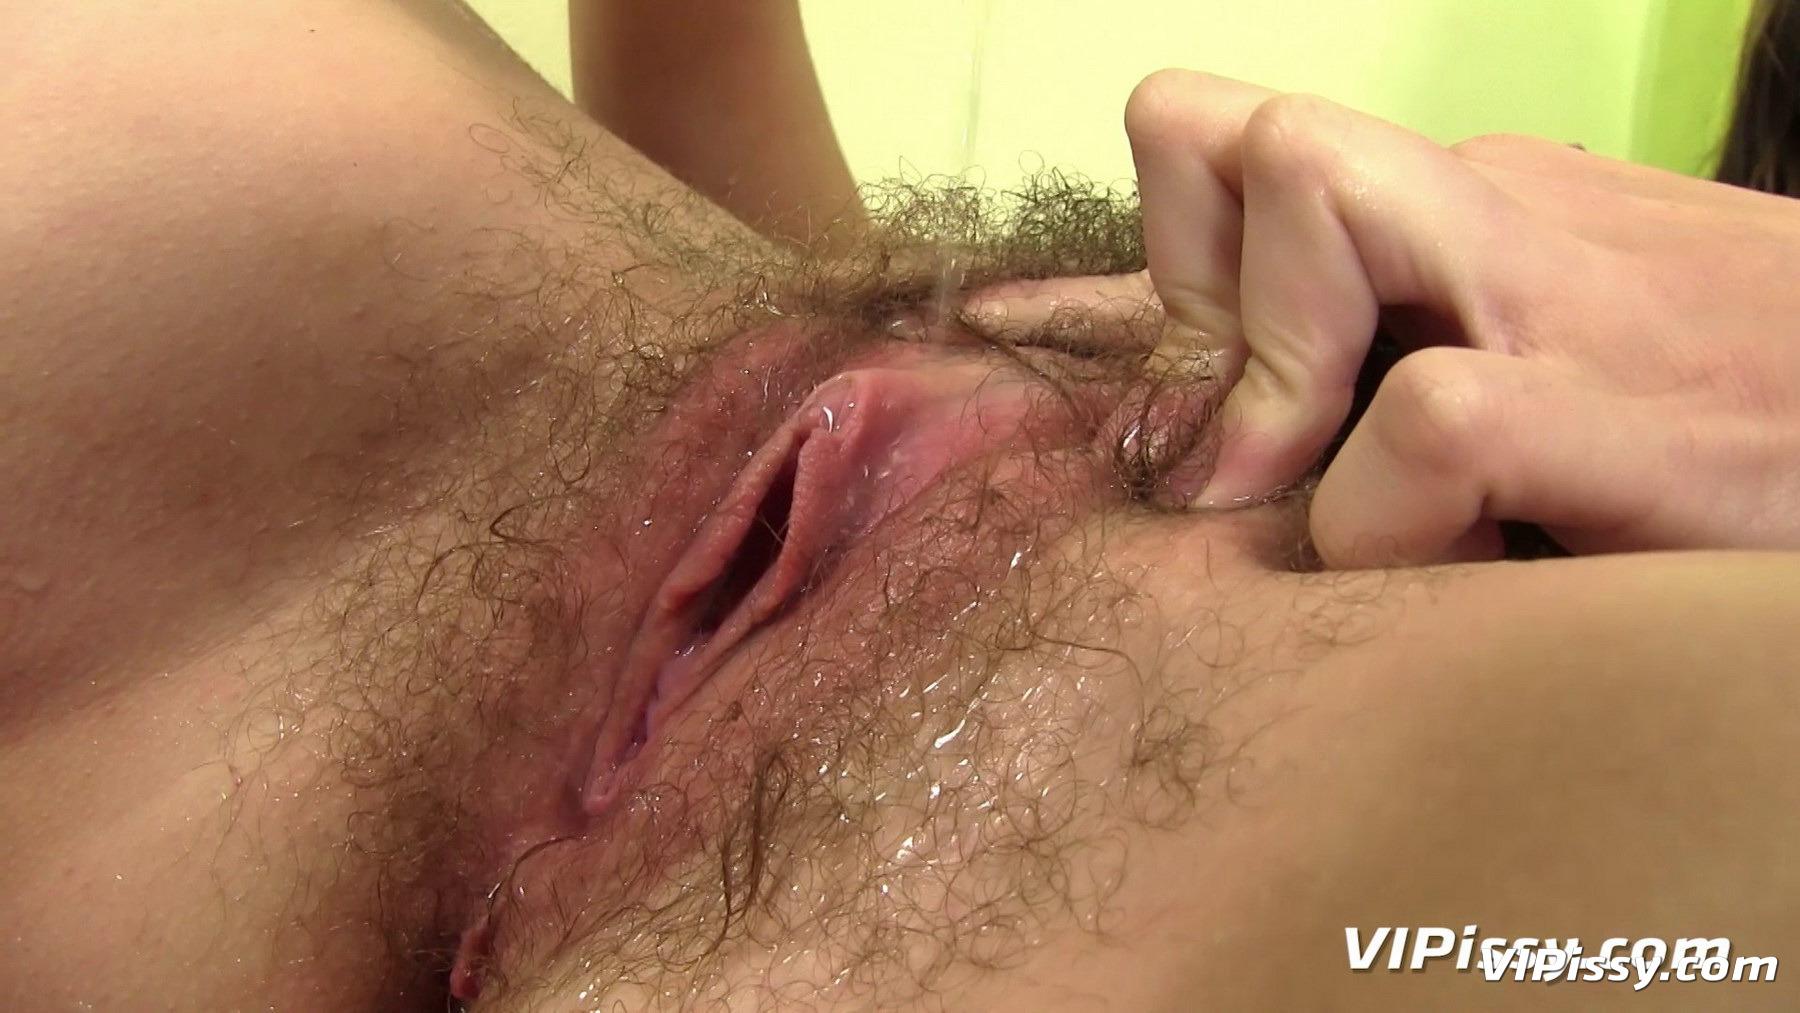 Волосатые письки влагалища  порно видео